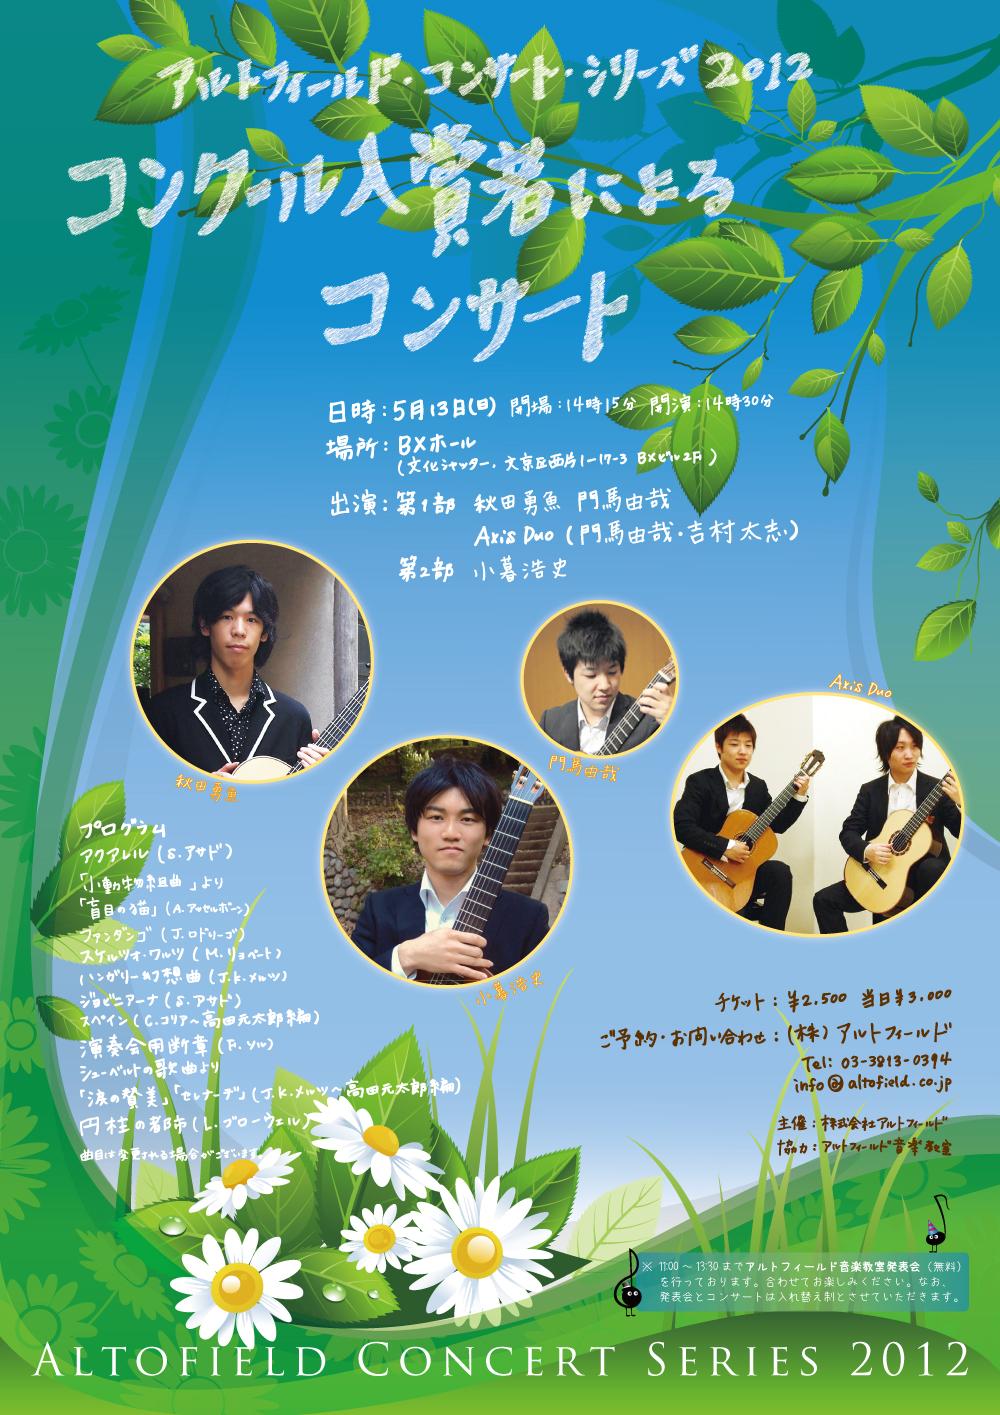 発表会コンサート